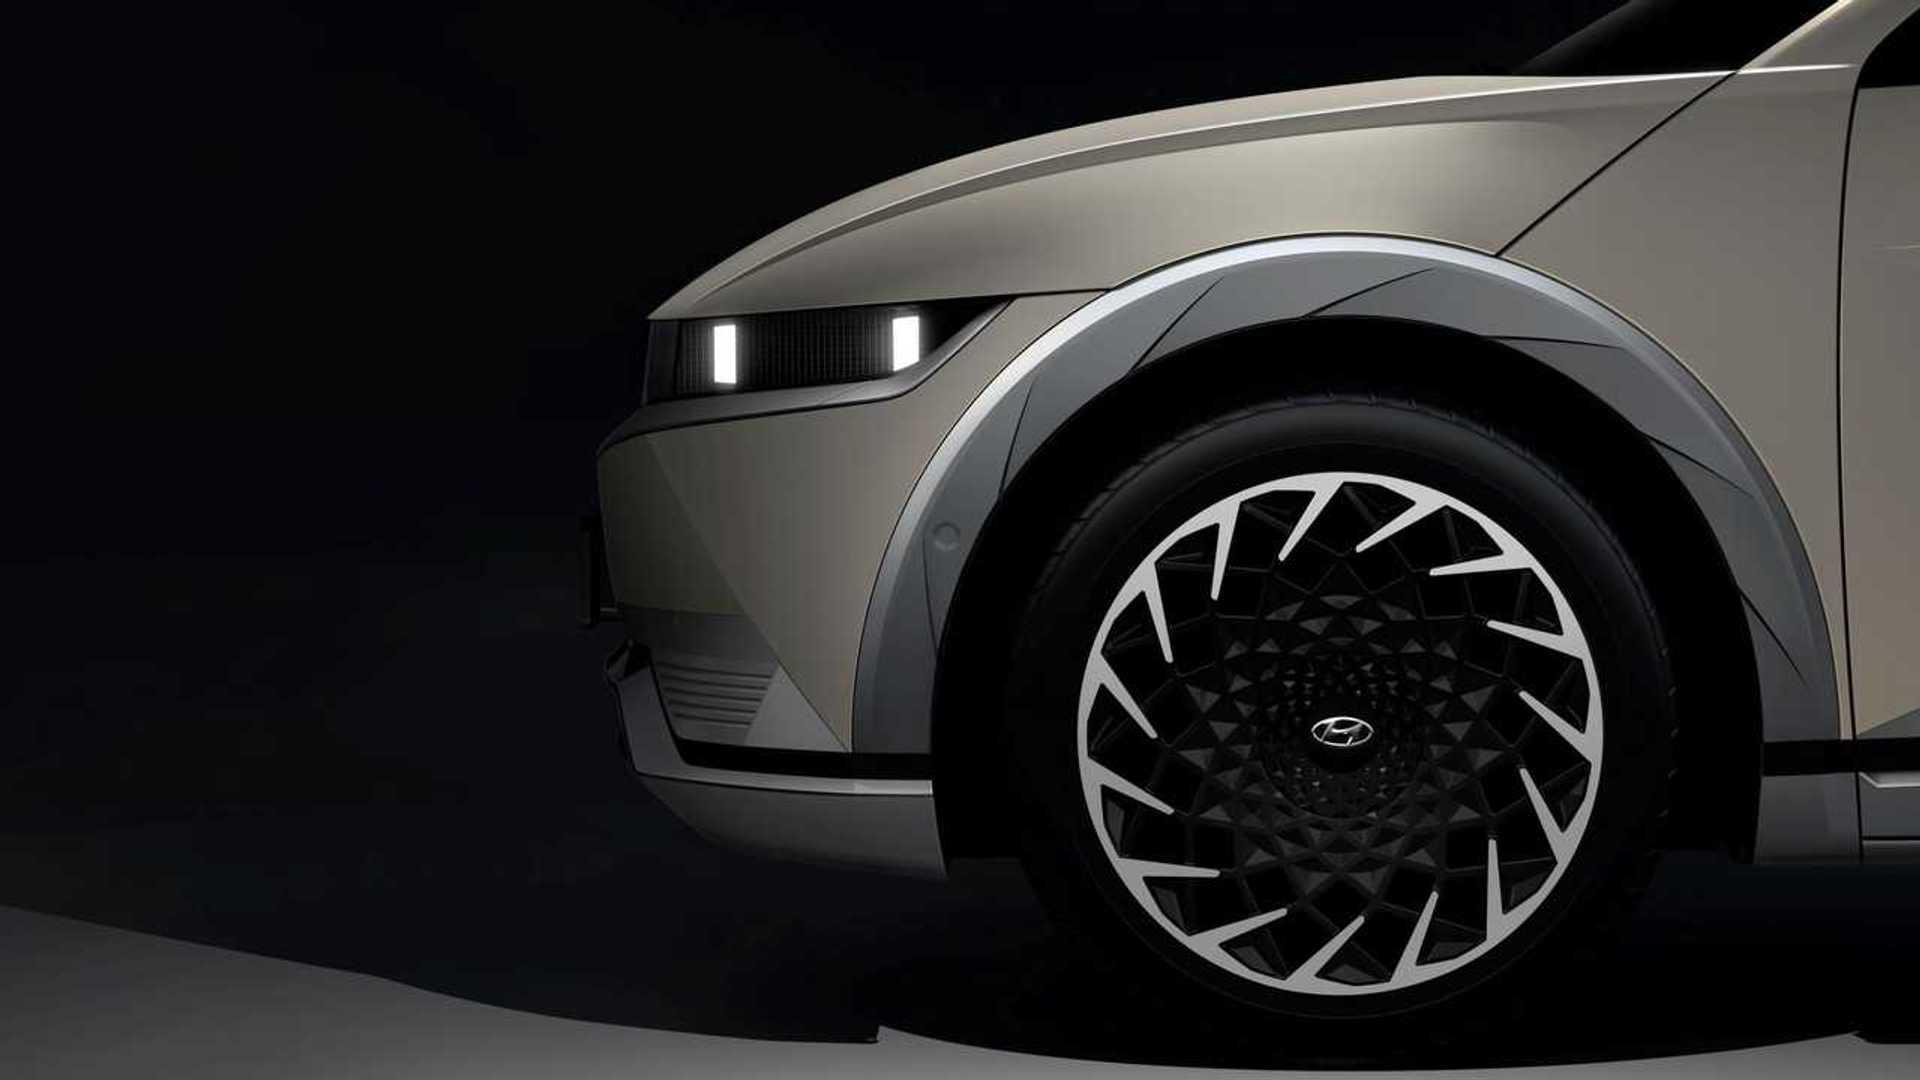 2022-hyundai-ioniq-5-teaser-wheel.jpg